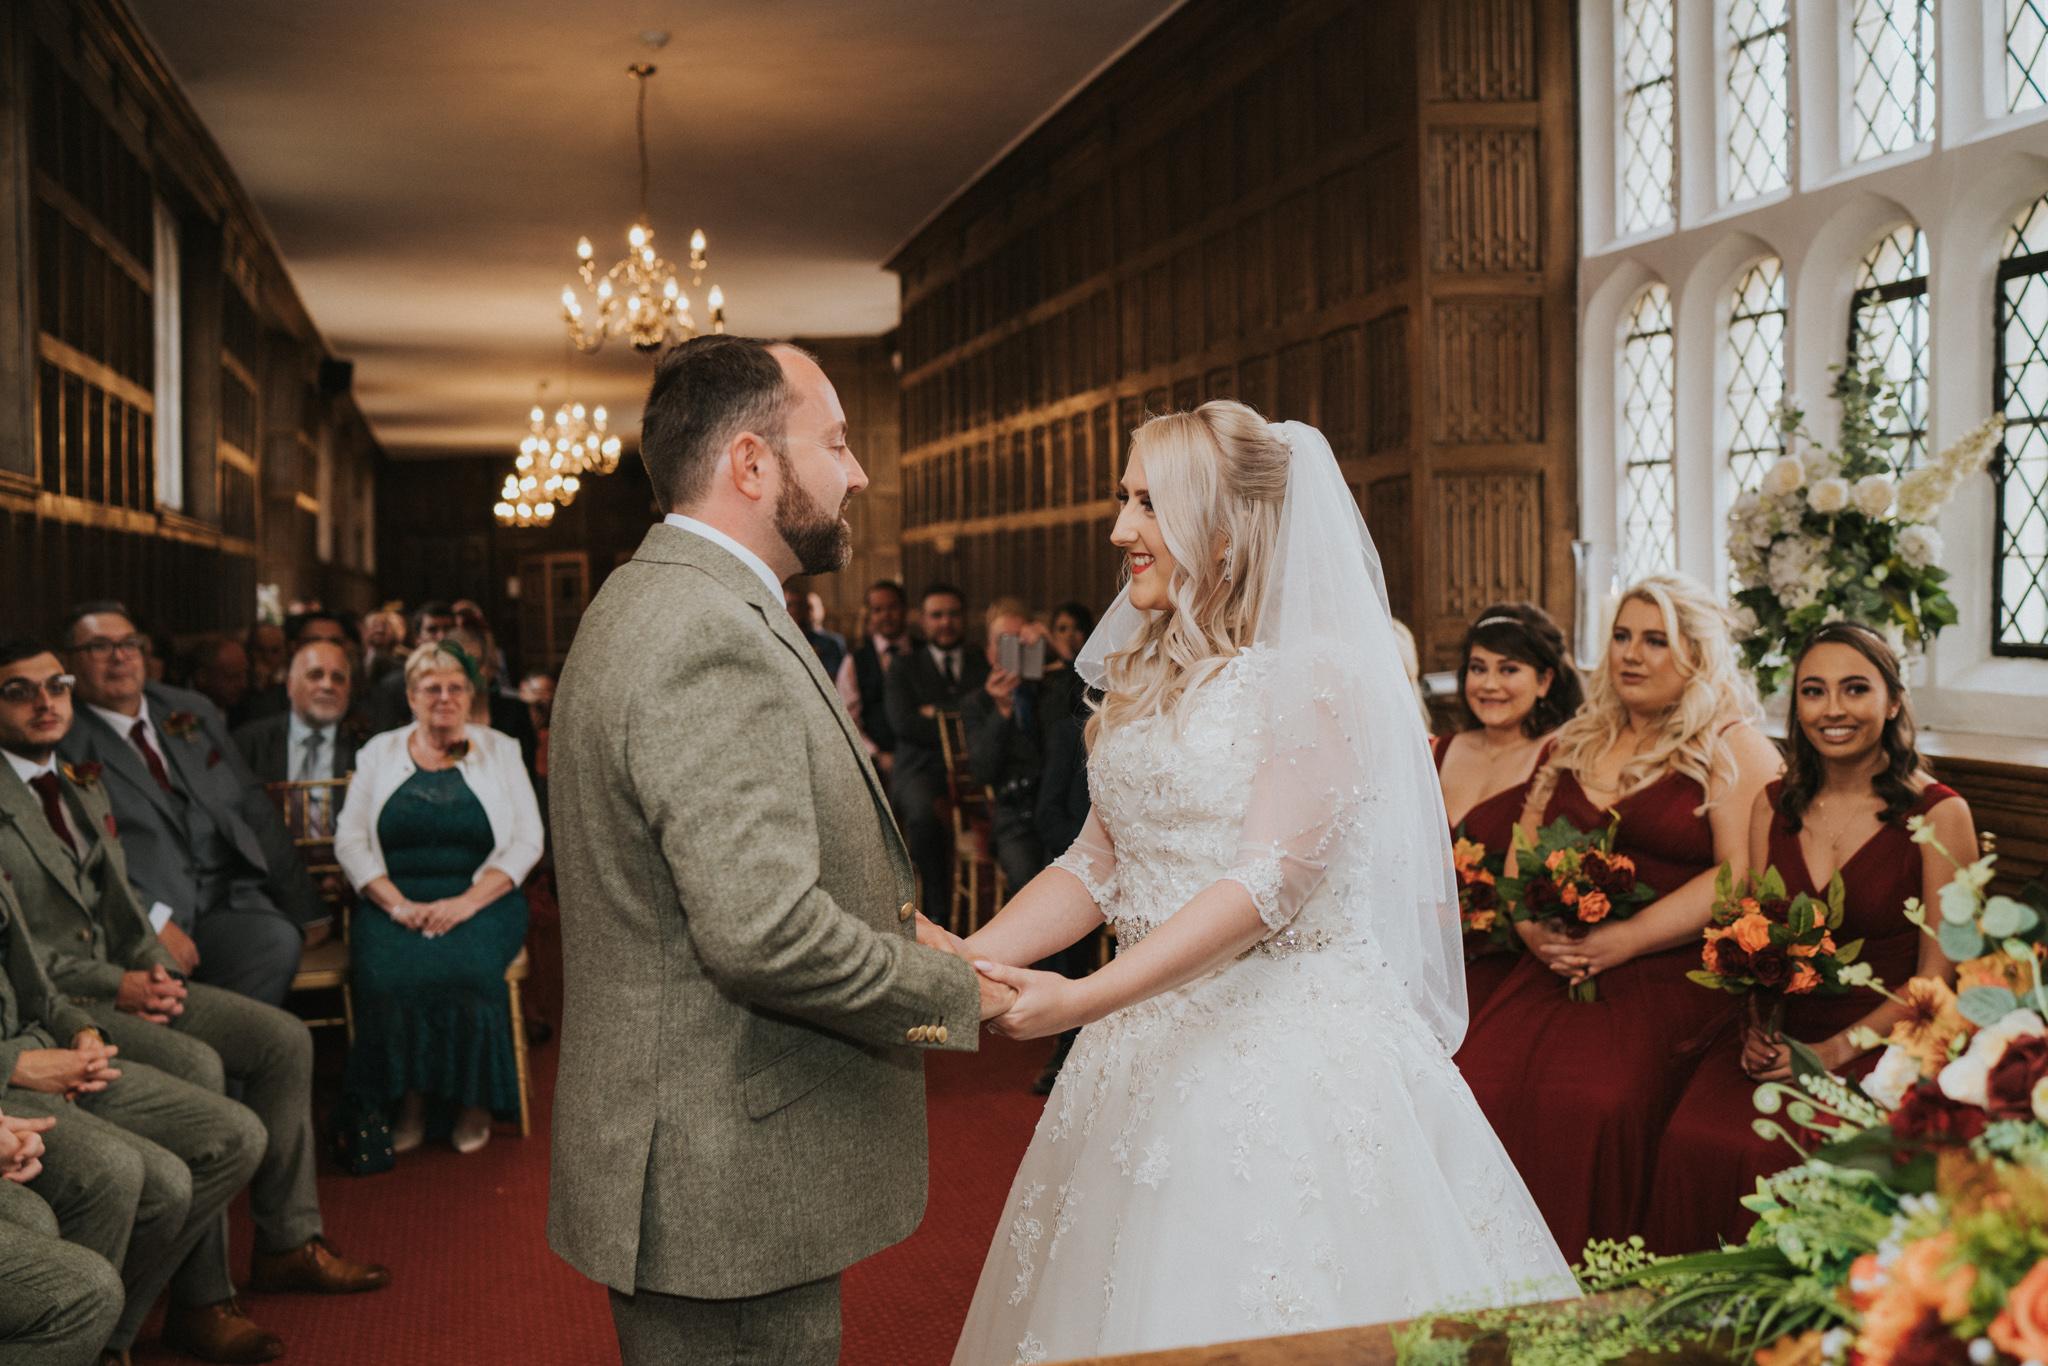 chara-neil-gosfield-hall-wedding-grace-elizabeth-colchester-essex-alternative-wedding-photographer-essex-devon-suffolk-norfolk (27 of 50).jpg